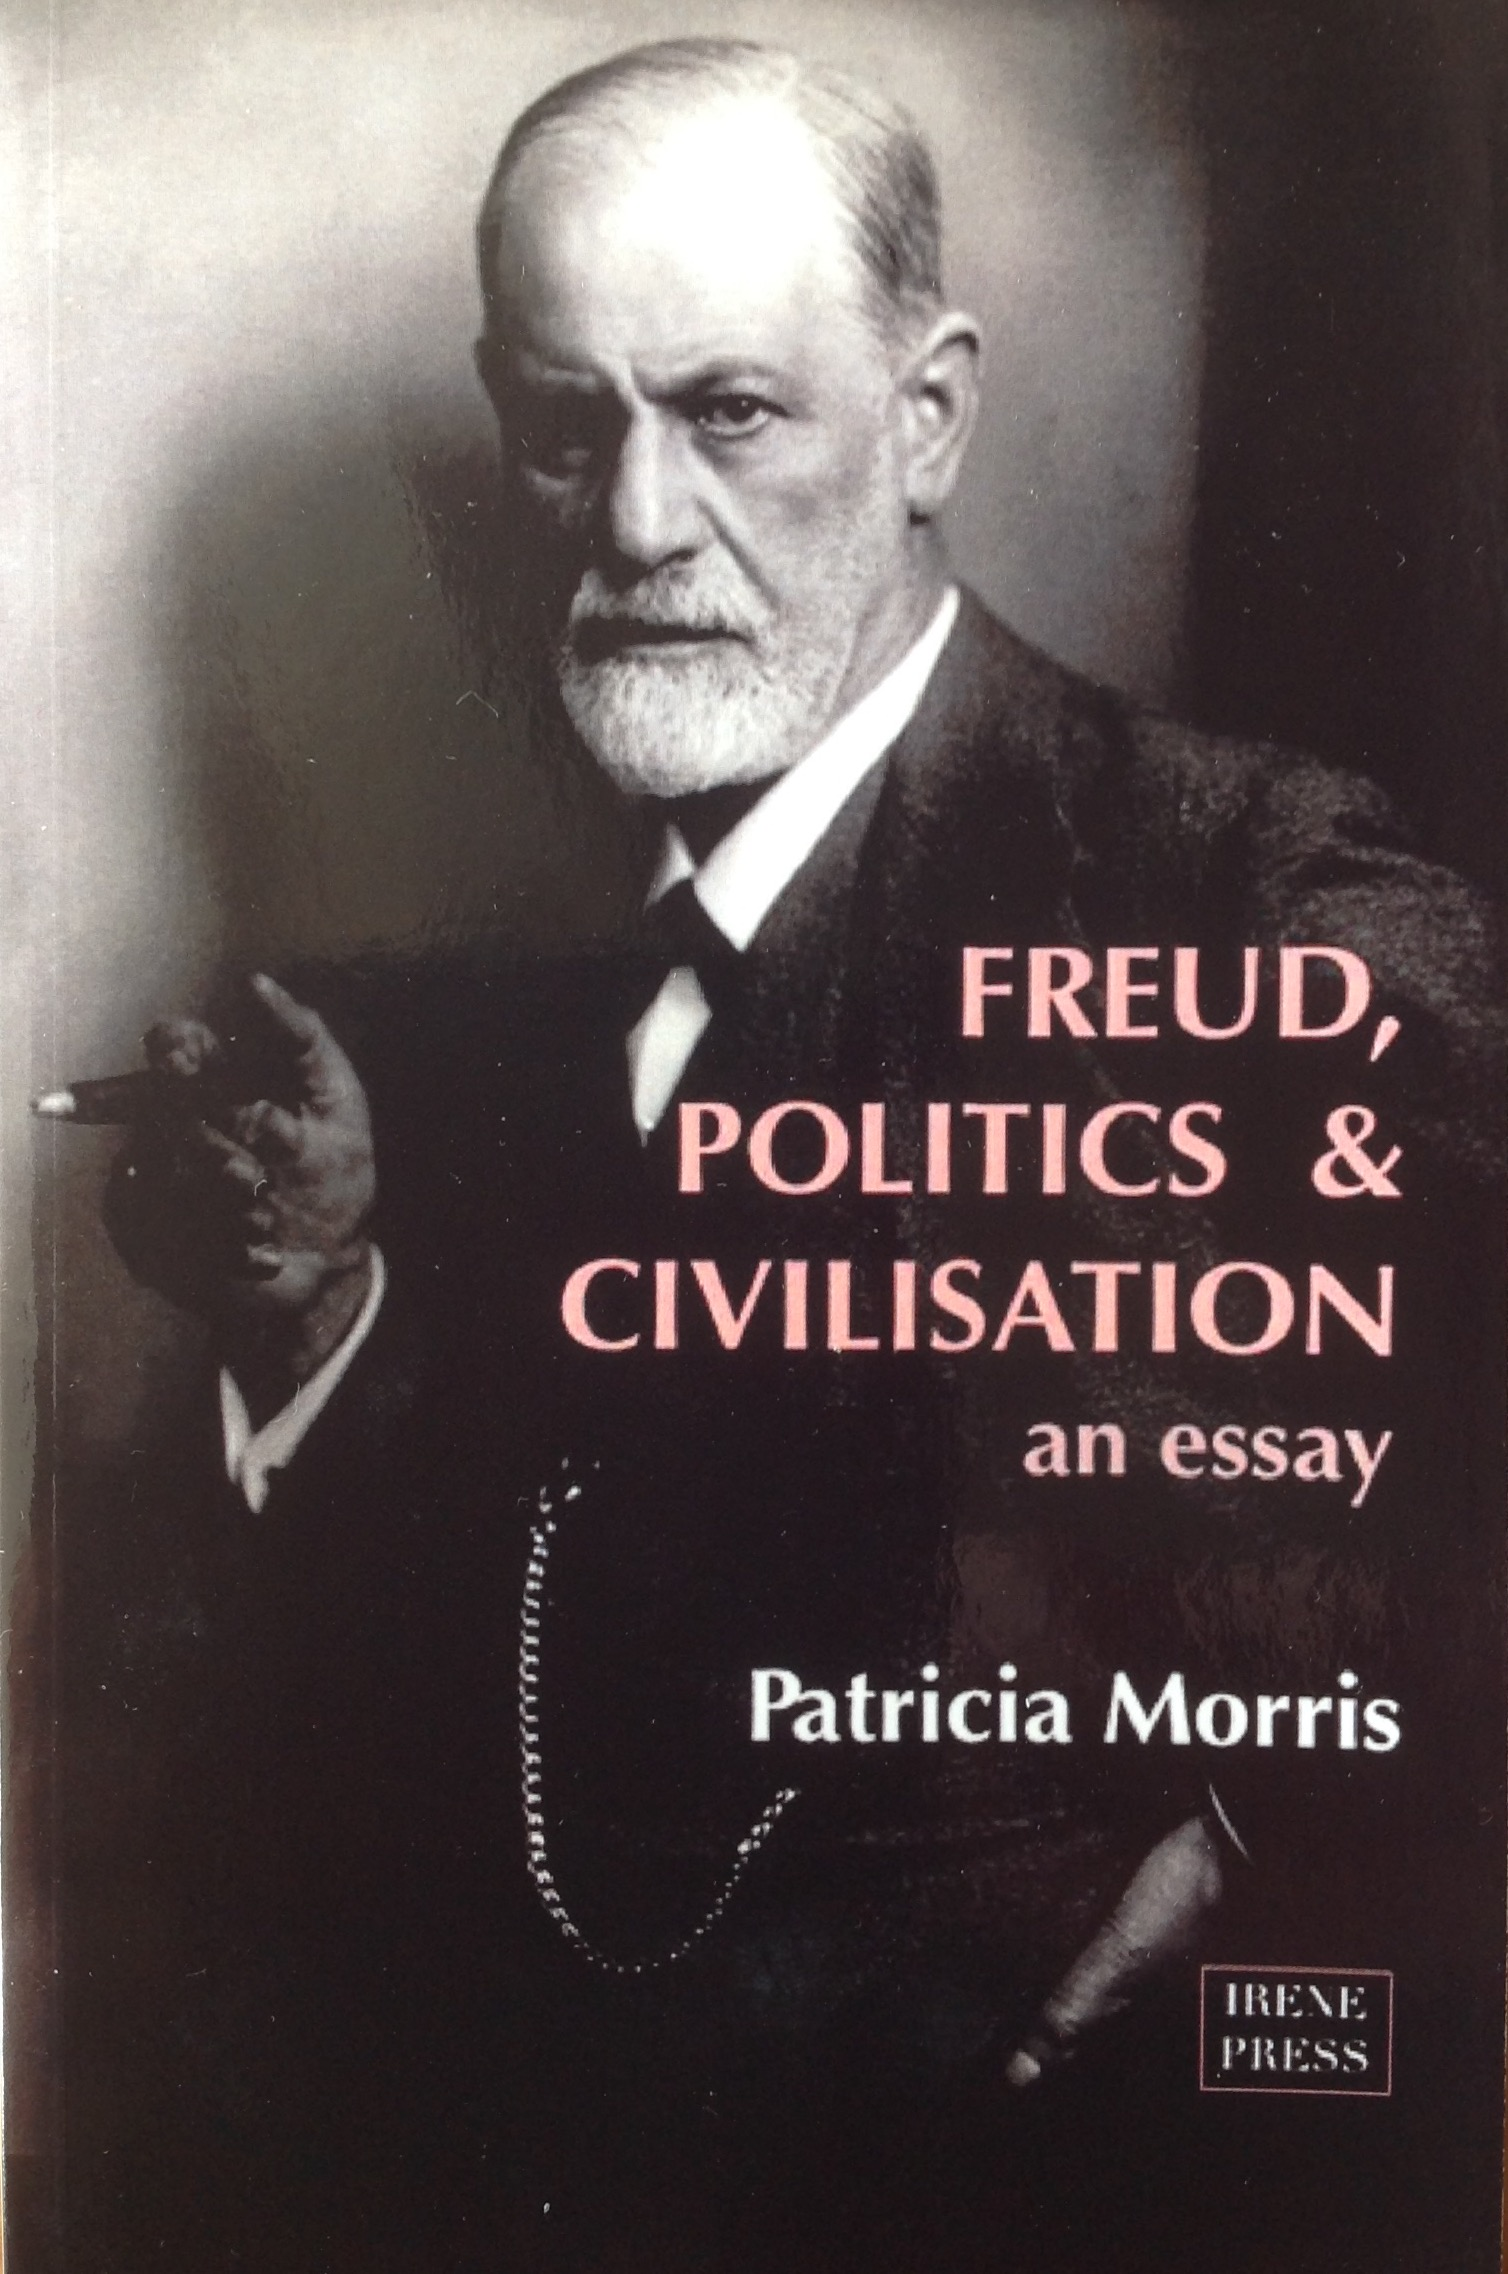 Freud essay